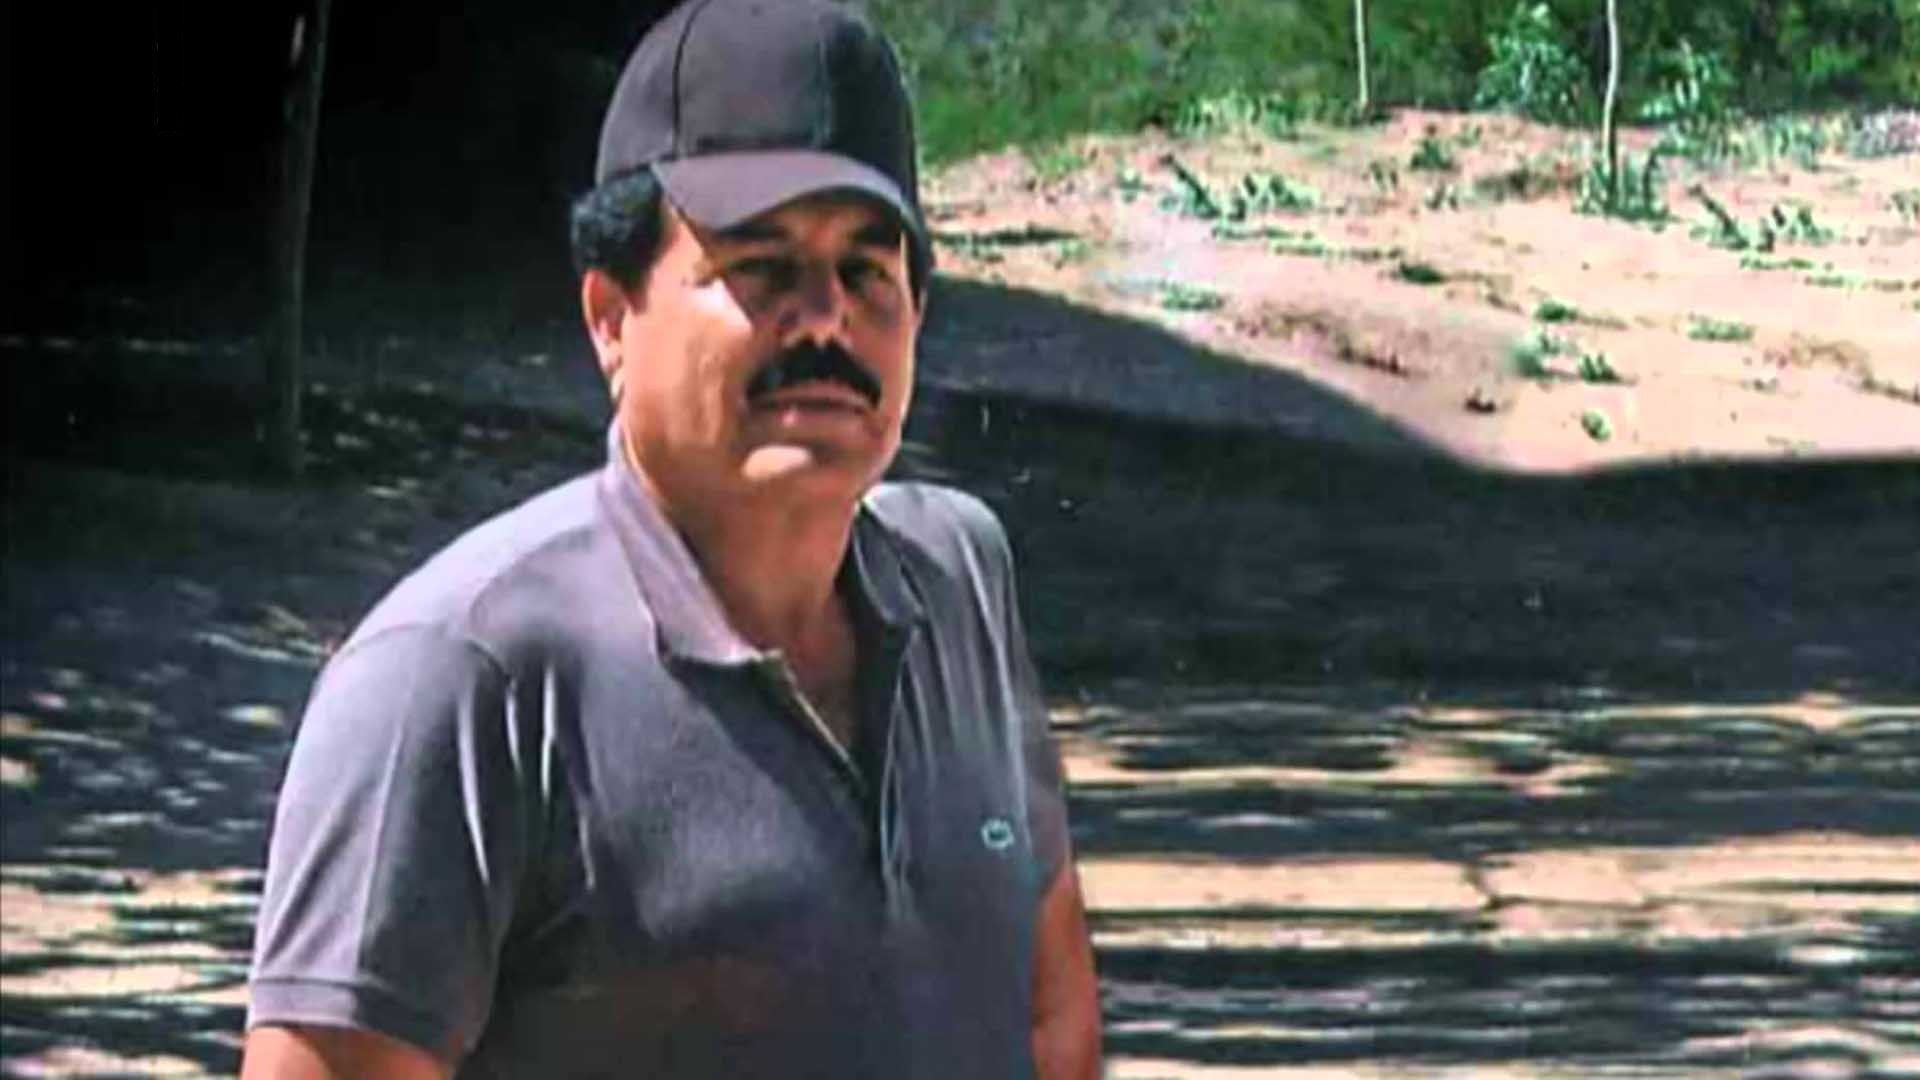 El Mayo Zambada estaría detrás de la fuga de El Chapo Guzmán.